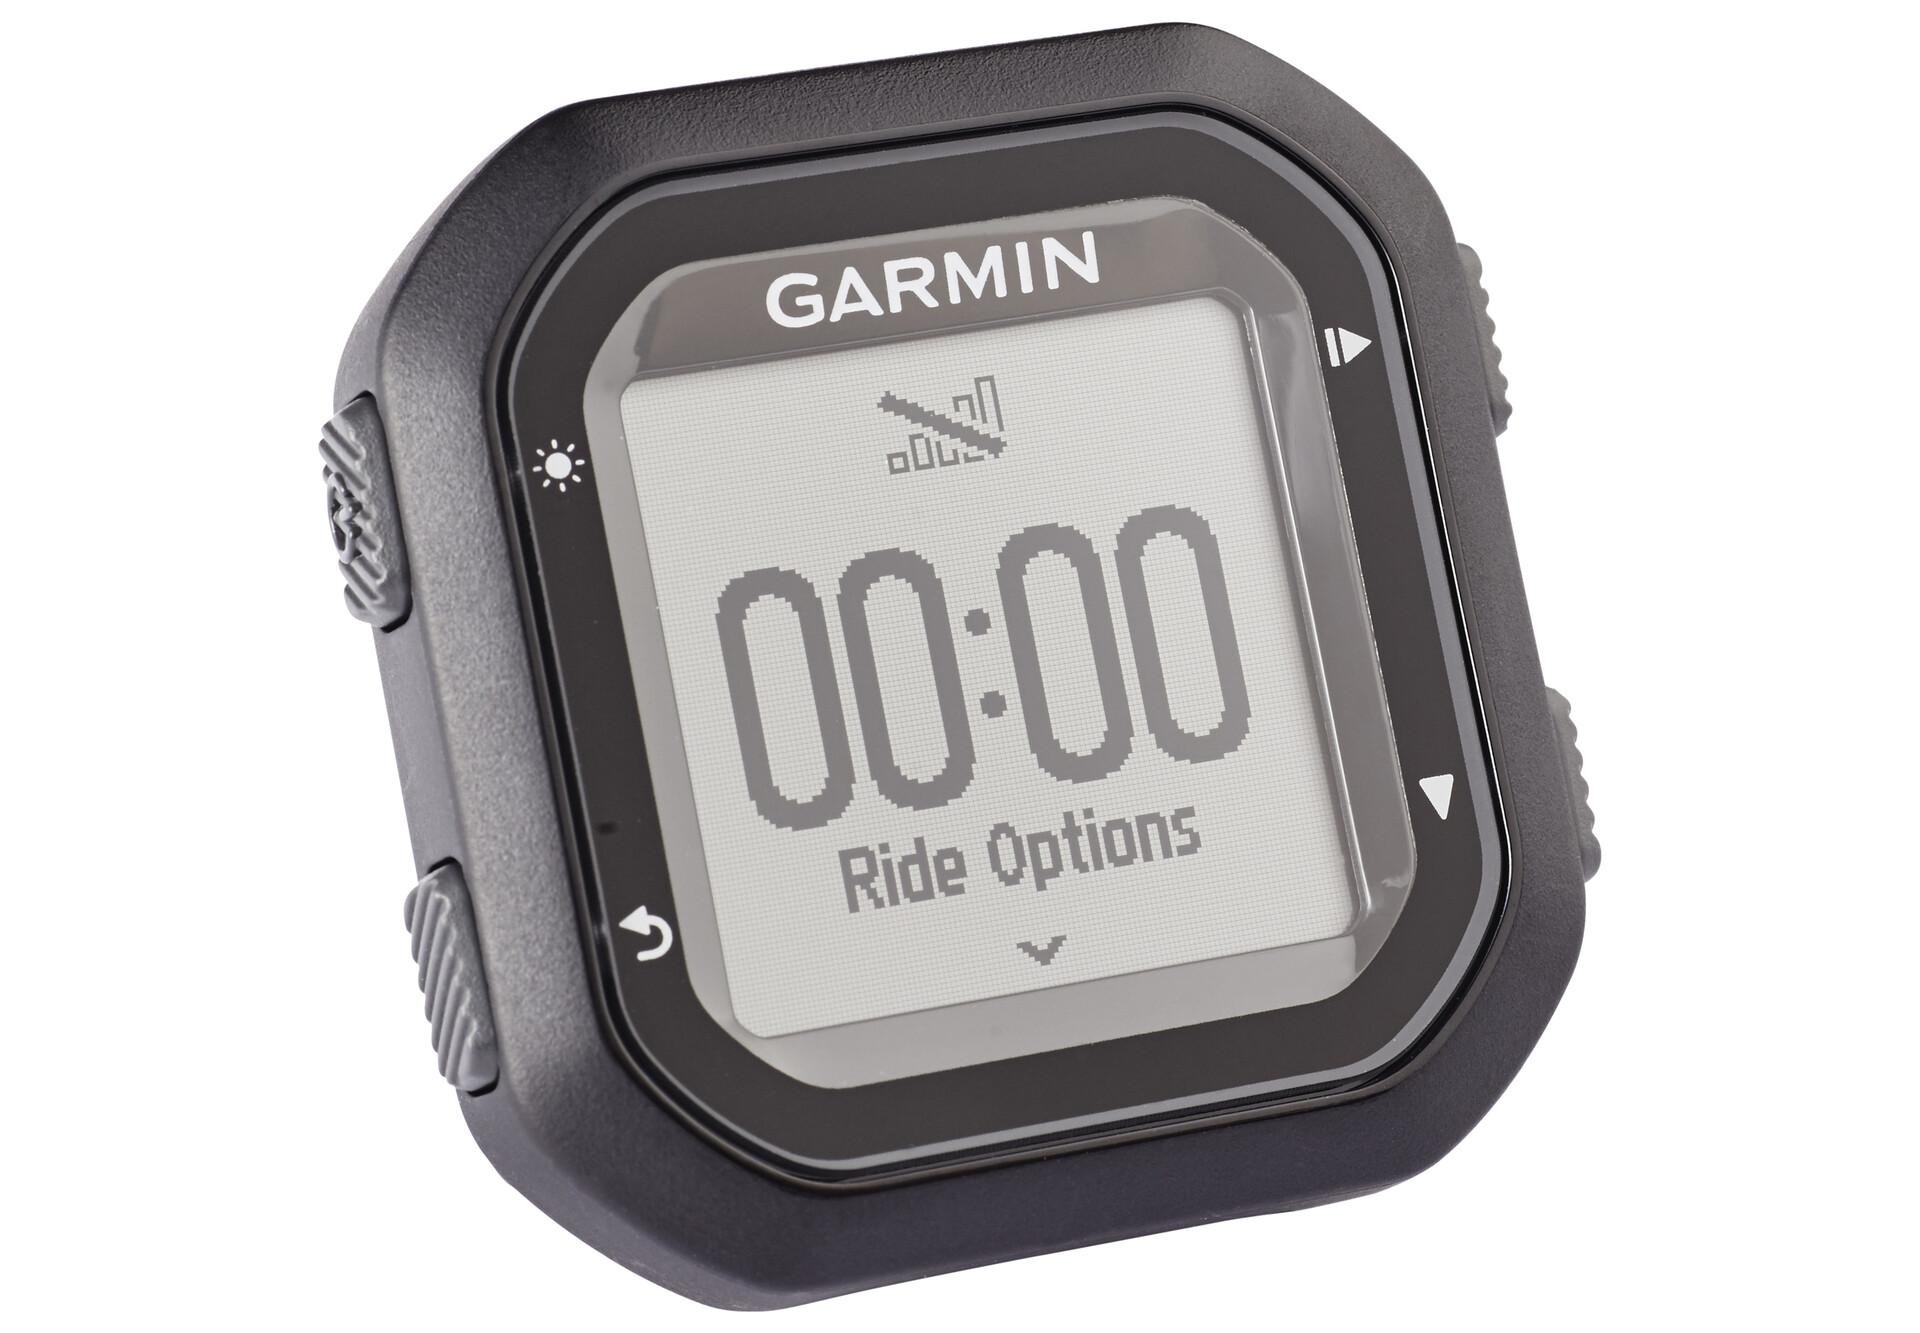 Fahrradcomputer Top 20 Anleitung : Garmin edge gps fahrradcomputer schwarz online kaufen fahrrad